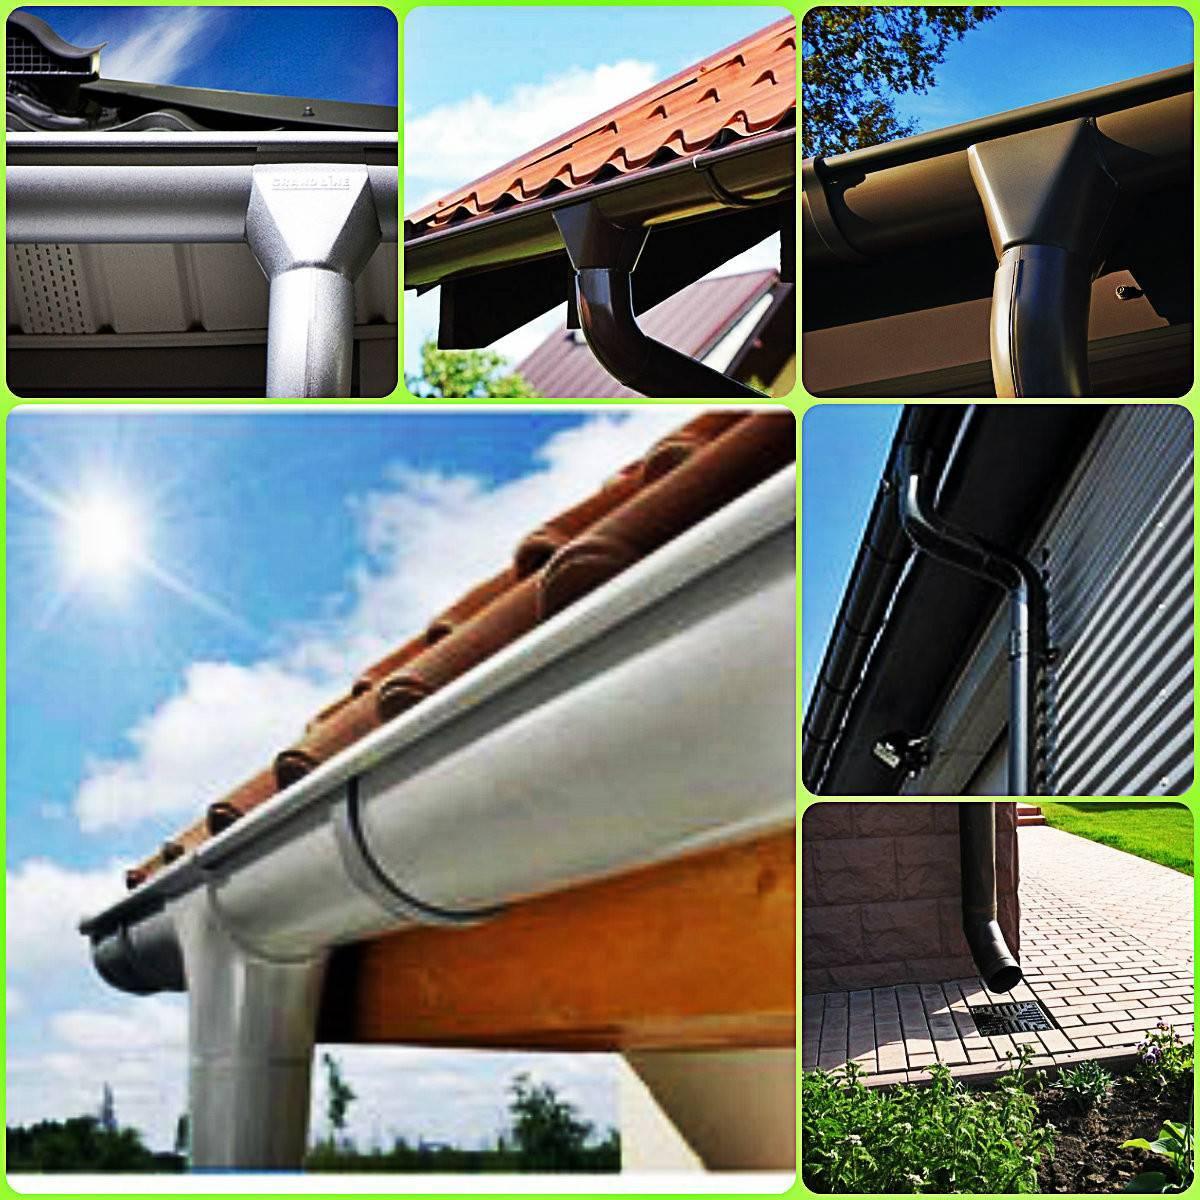 Водосточная система (64 фото): монтаж водостока в кровлю, металлические водосливы для крыши, медный водоотвод